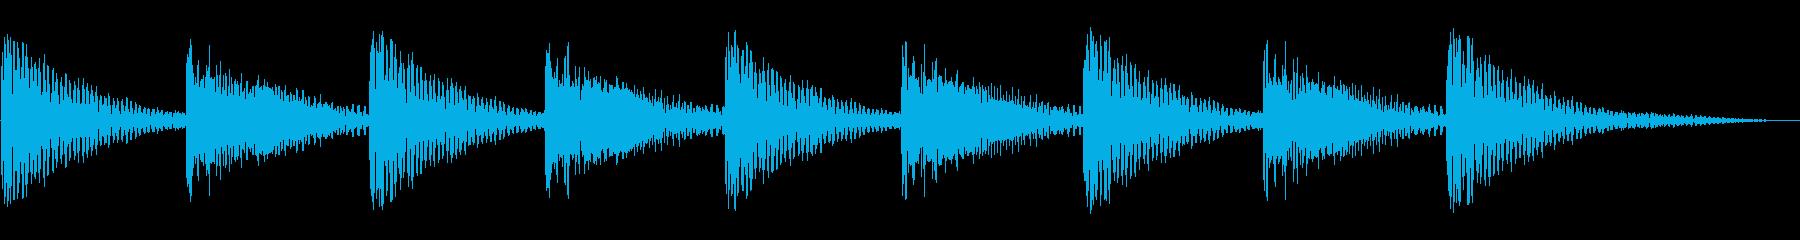 ティンパニ3スローエンディングの再生済みの波形